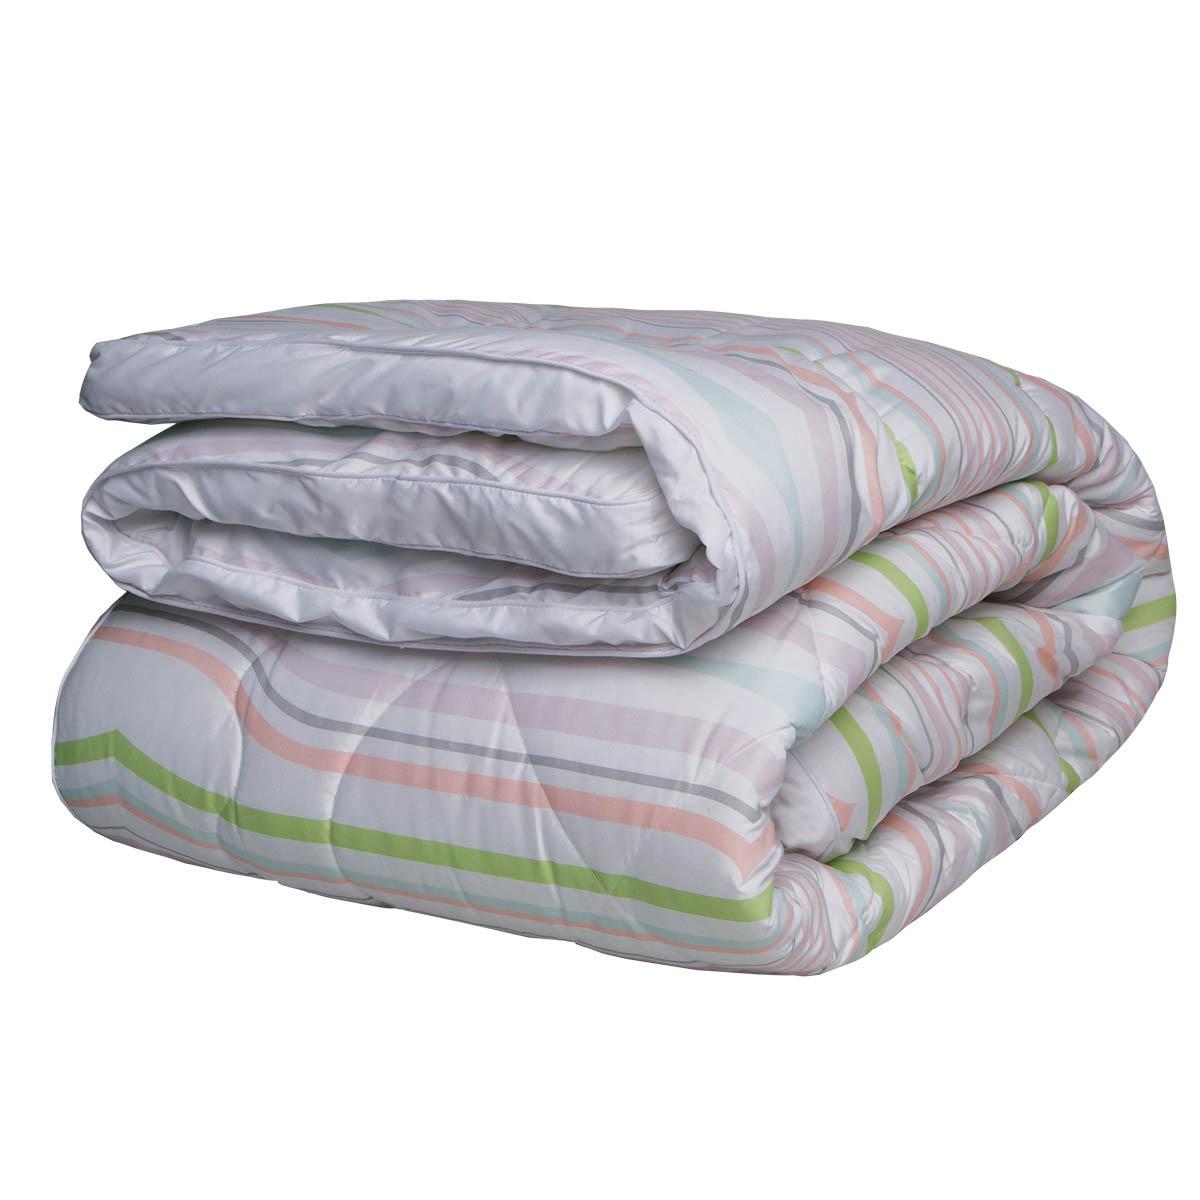 где купить Одеяла Mona Liza Одеяло Secret Gardens Всесезонное (172х205 см) по лучшей цене